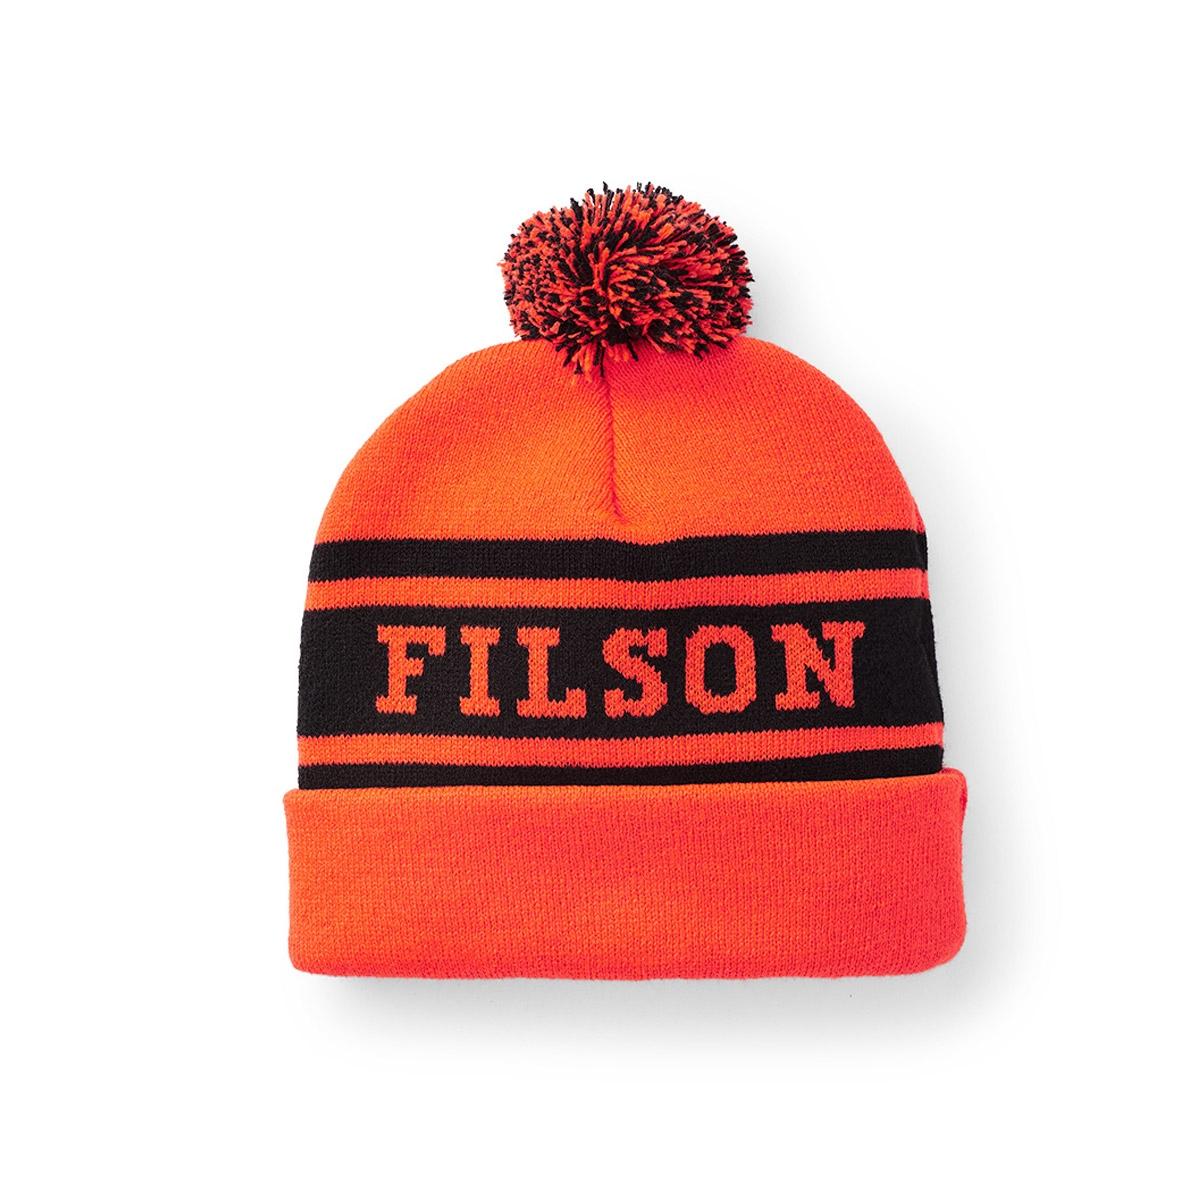 Filson Acrylic Logo Beanie Blaze Orange, lichtgewicht en sneldrogend, ideaal voor regen en sneeuw